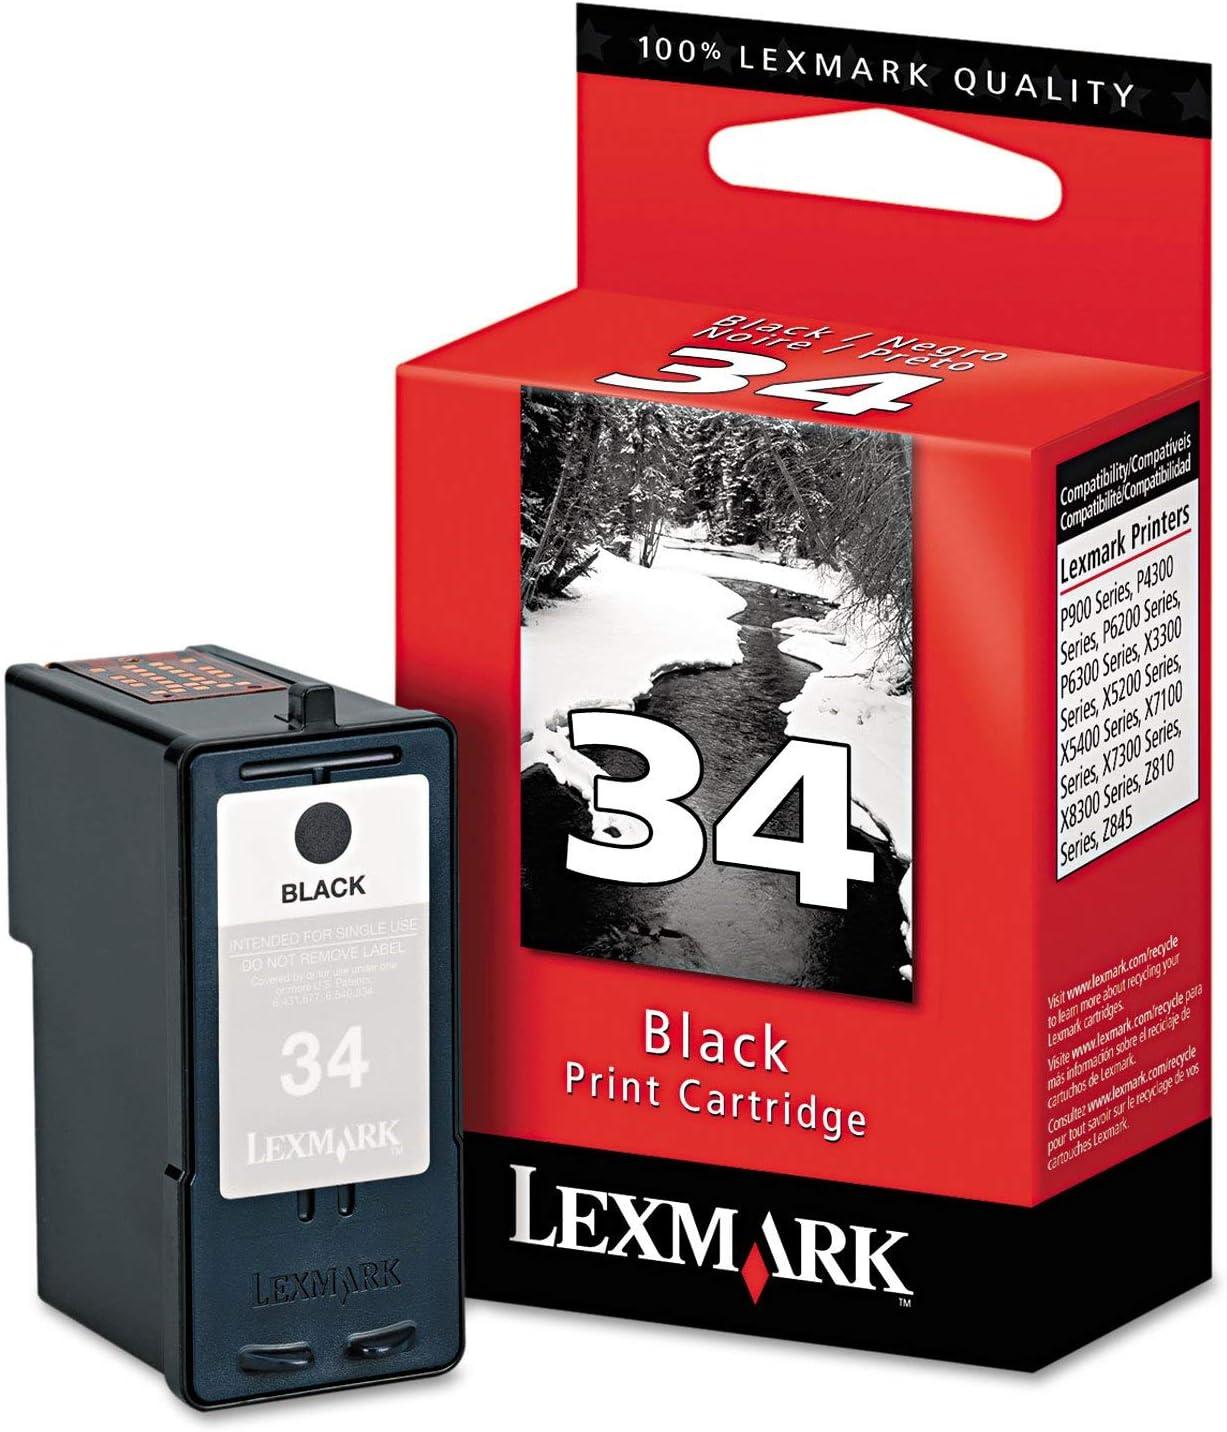 Lexmark #34 Black Print Cartridge